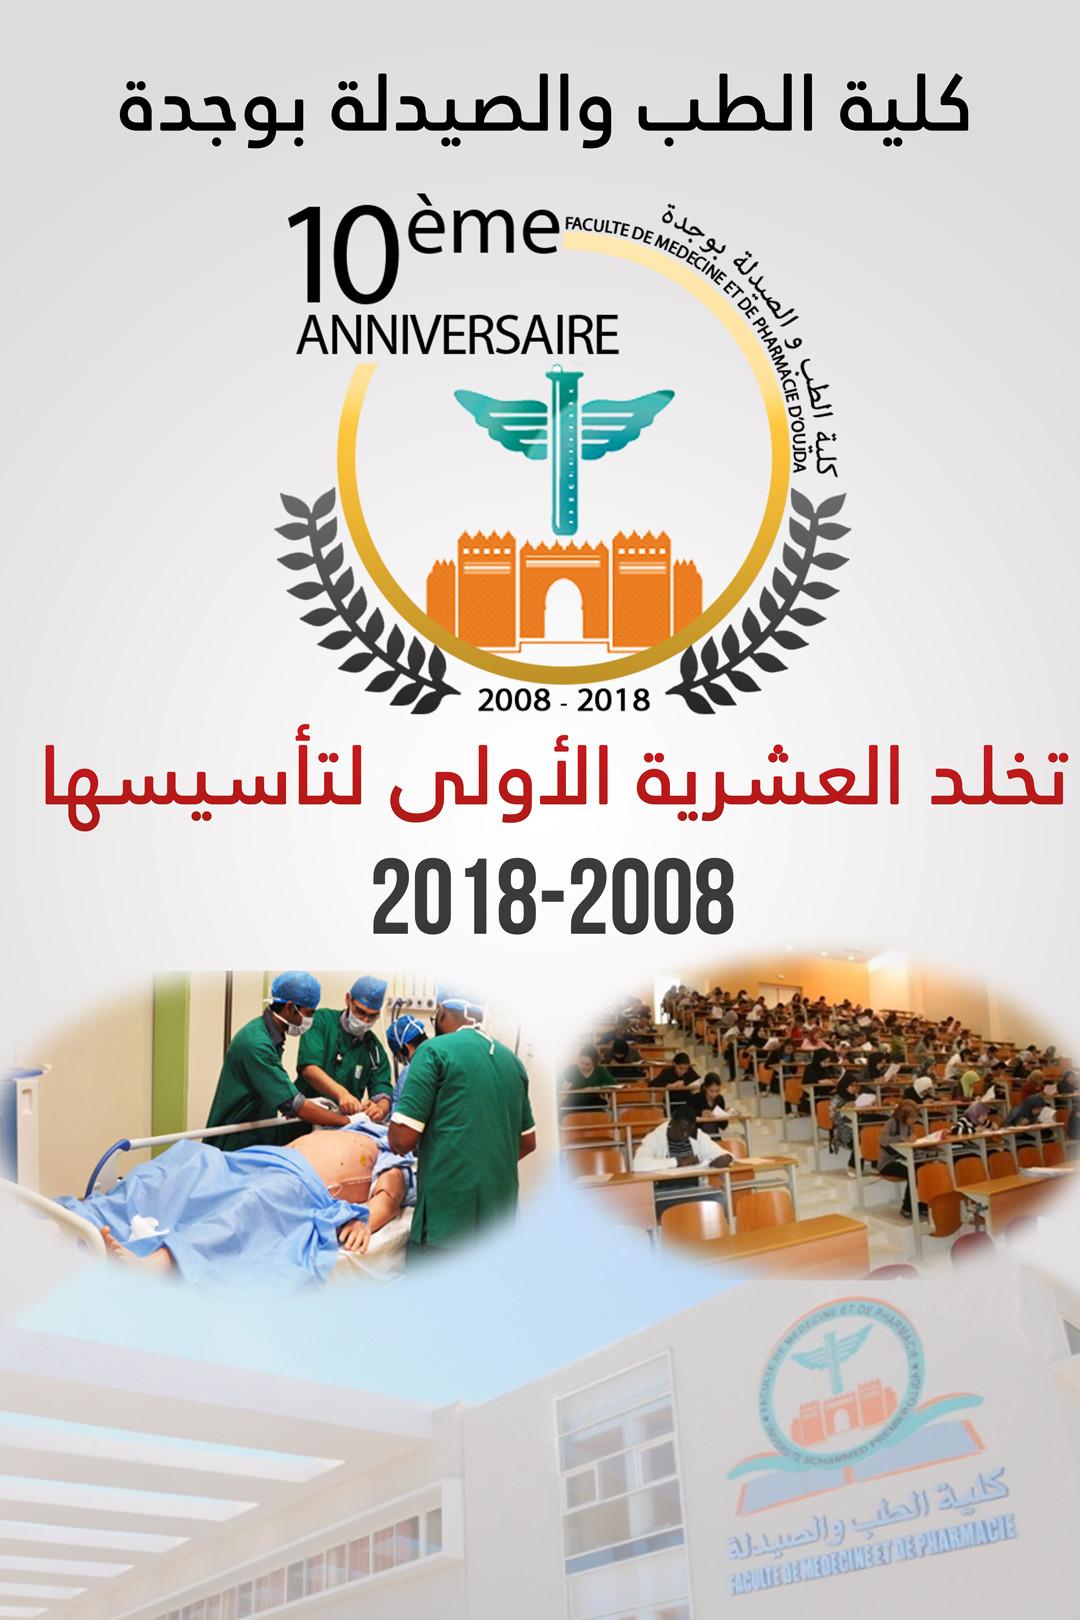 Célébration de 10ème anniversaire de la création de la faculté de médecine et de pharmacie de Oujda